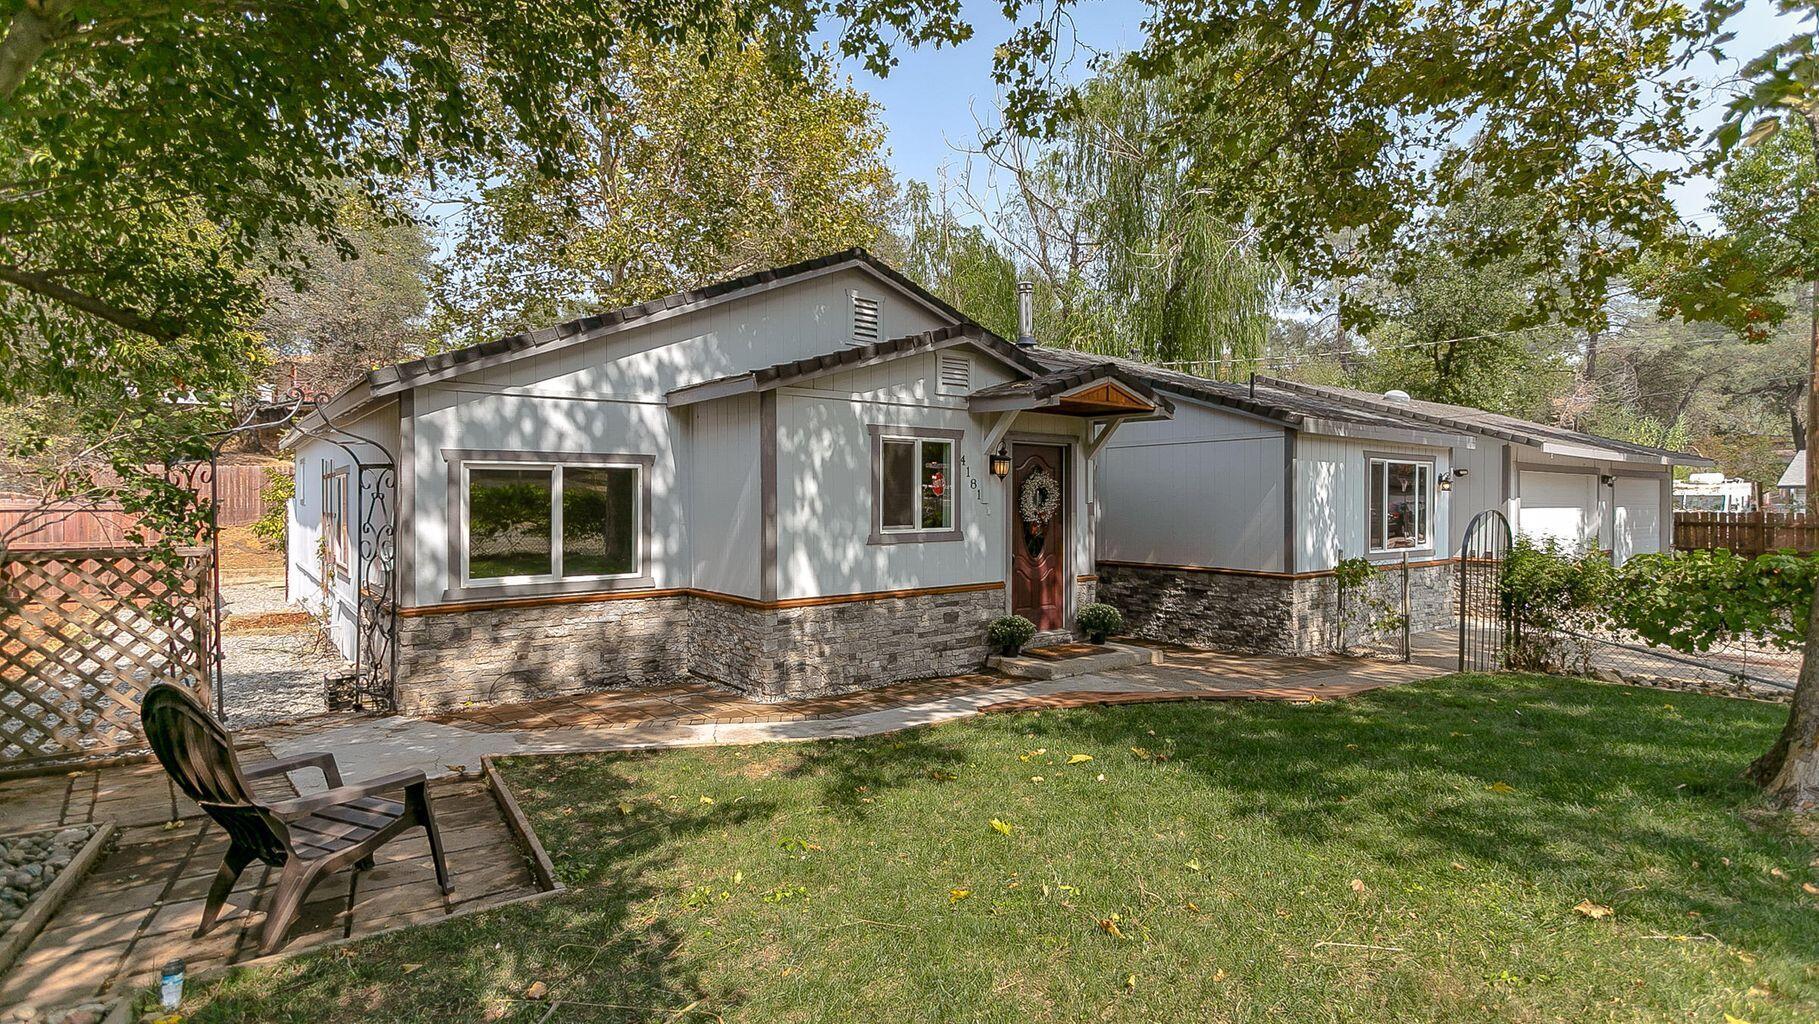 4181 Johnson St, Shasta Lake, CA 96019